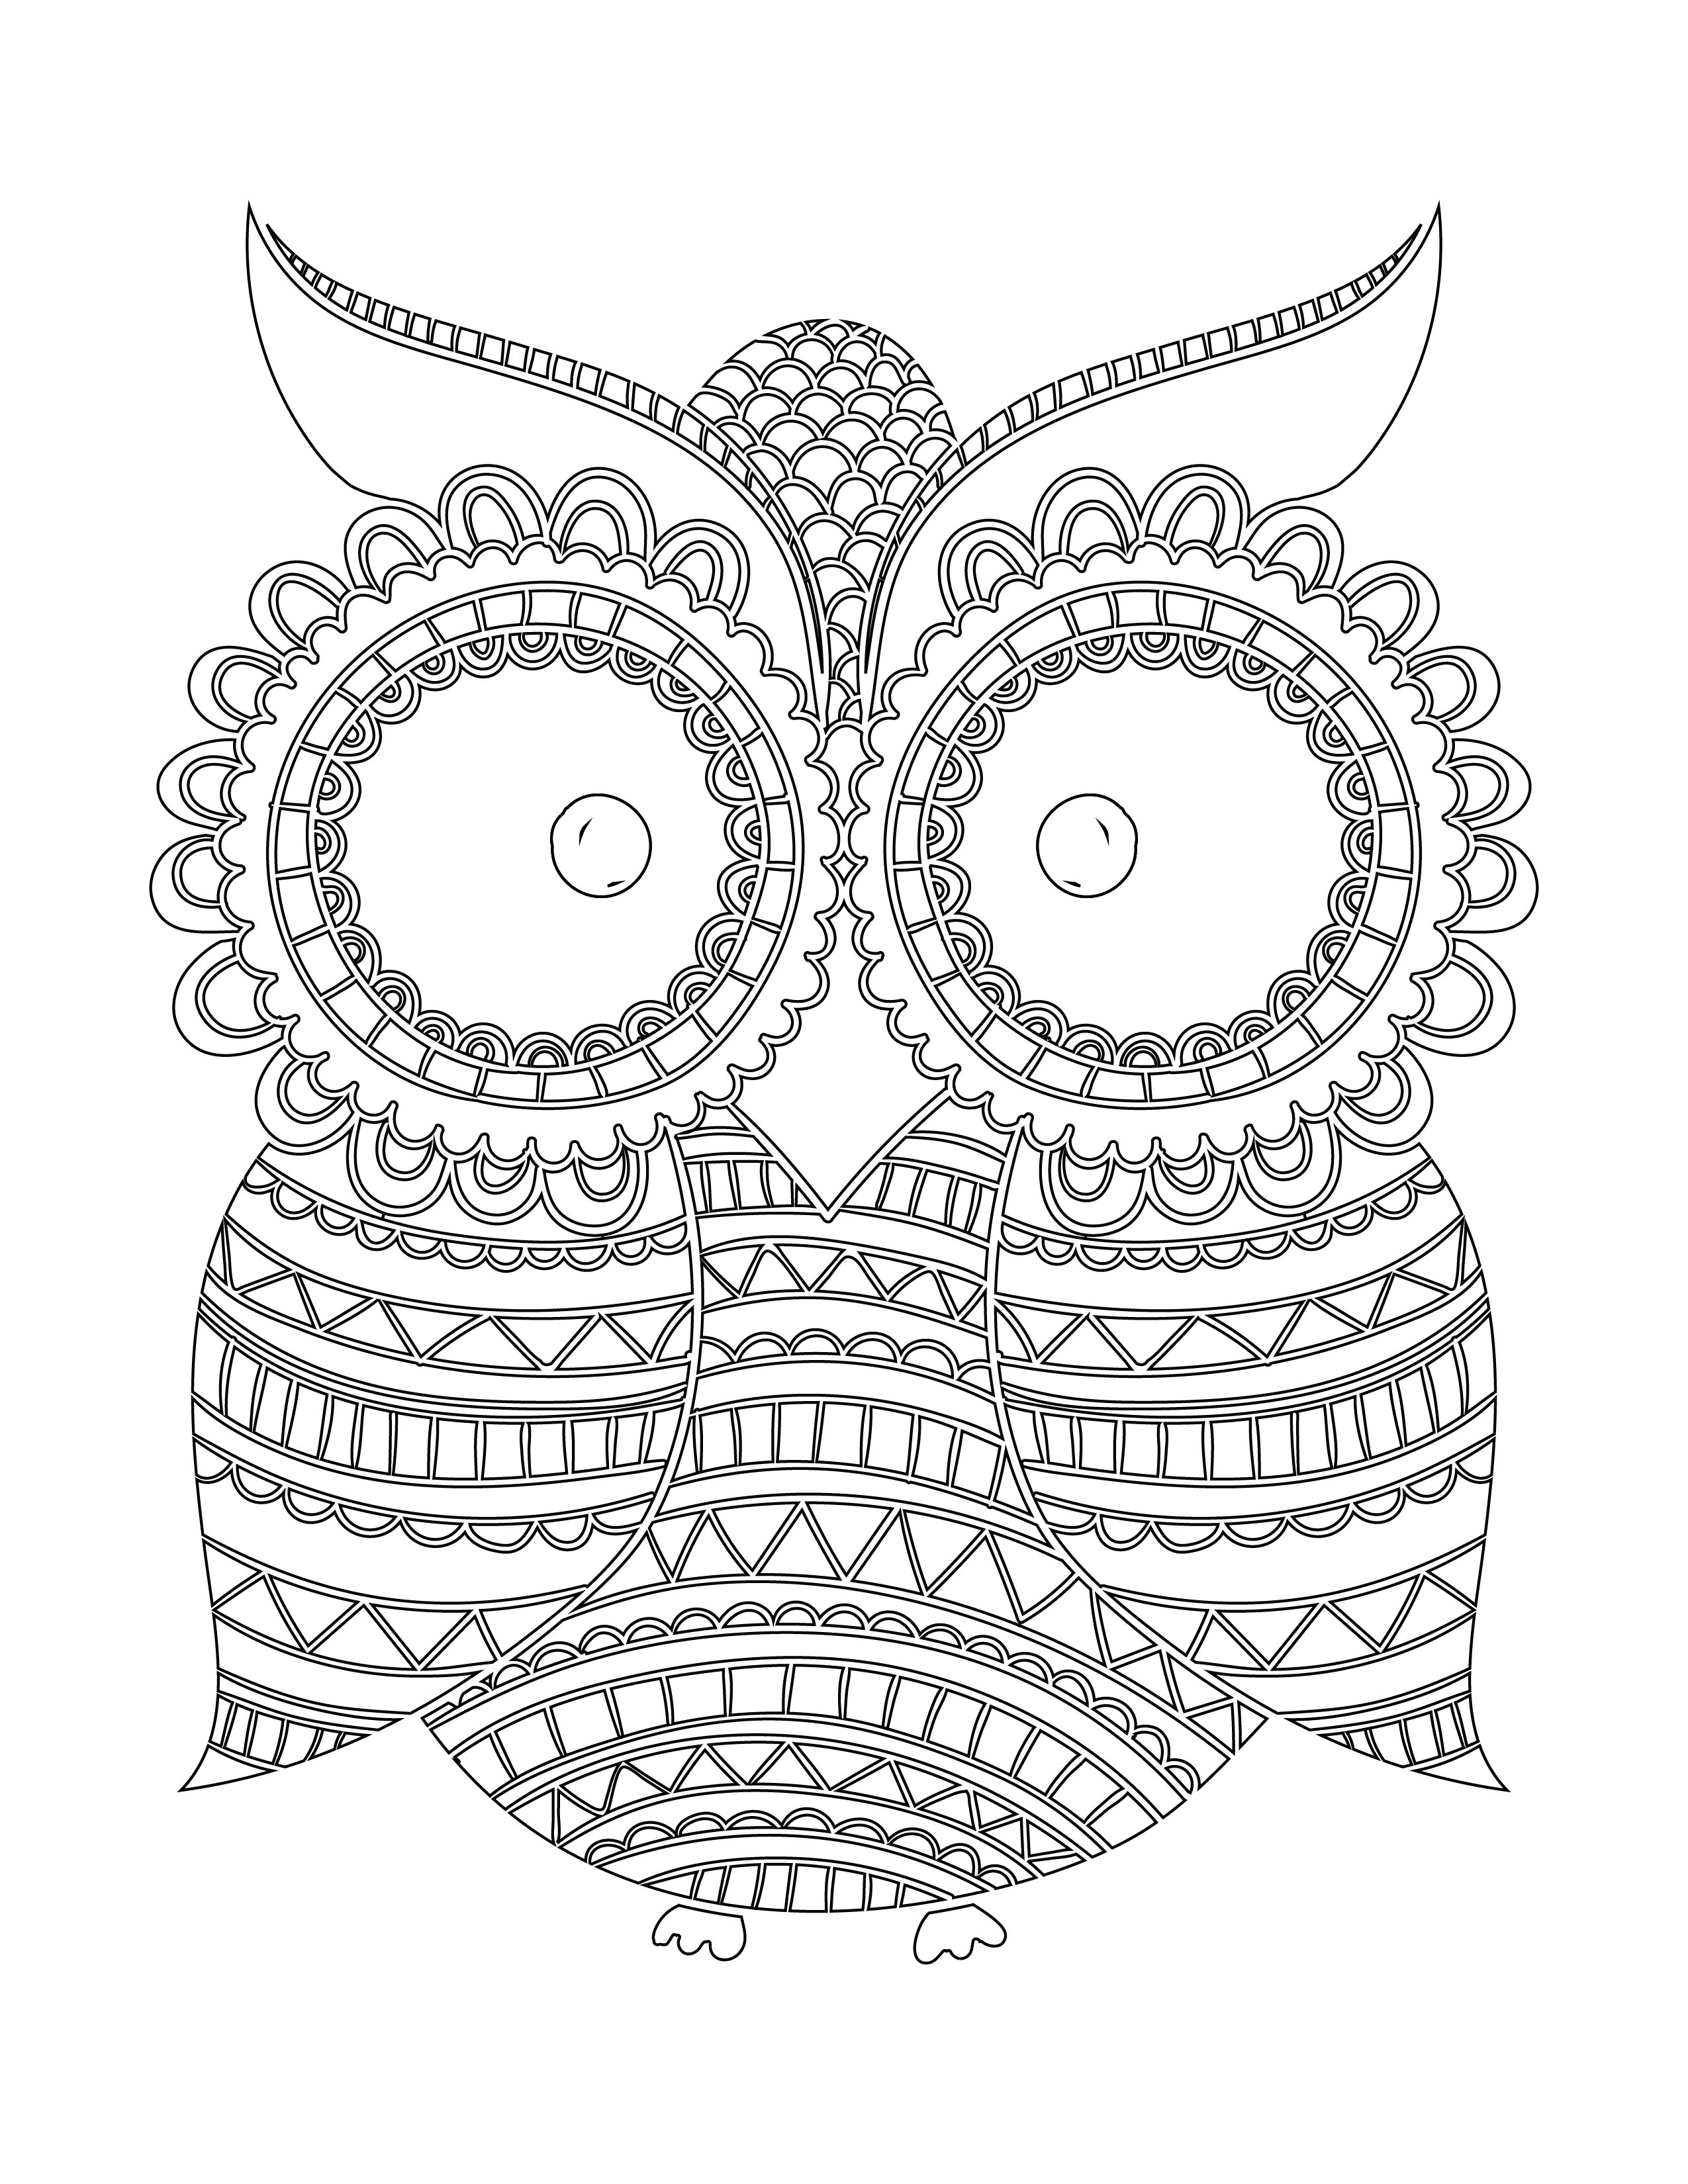 Imprimer coloriage hibou nuit blanche - Hibou en dessin ...